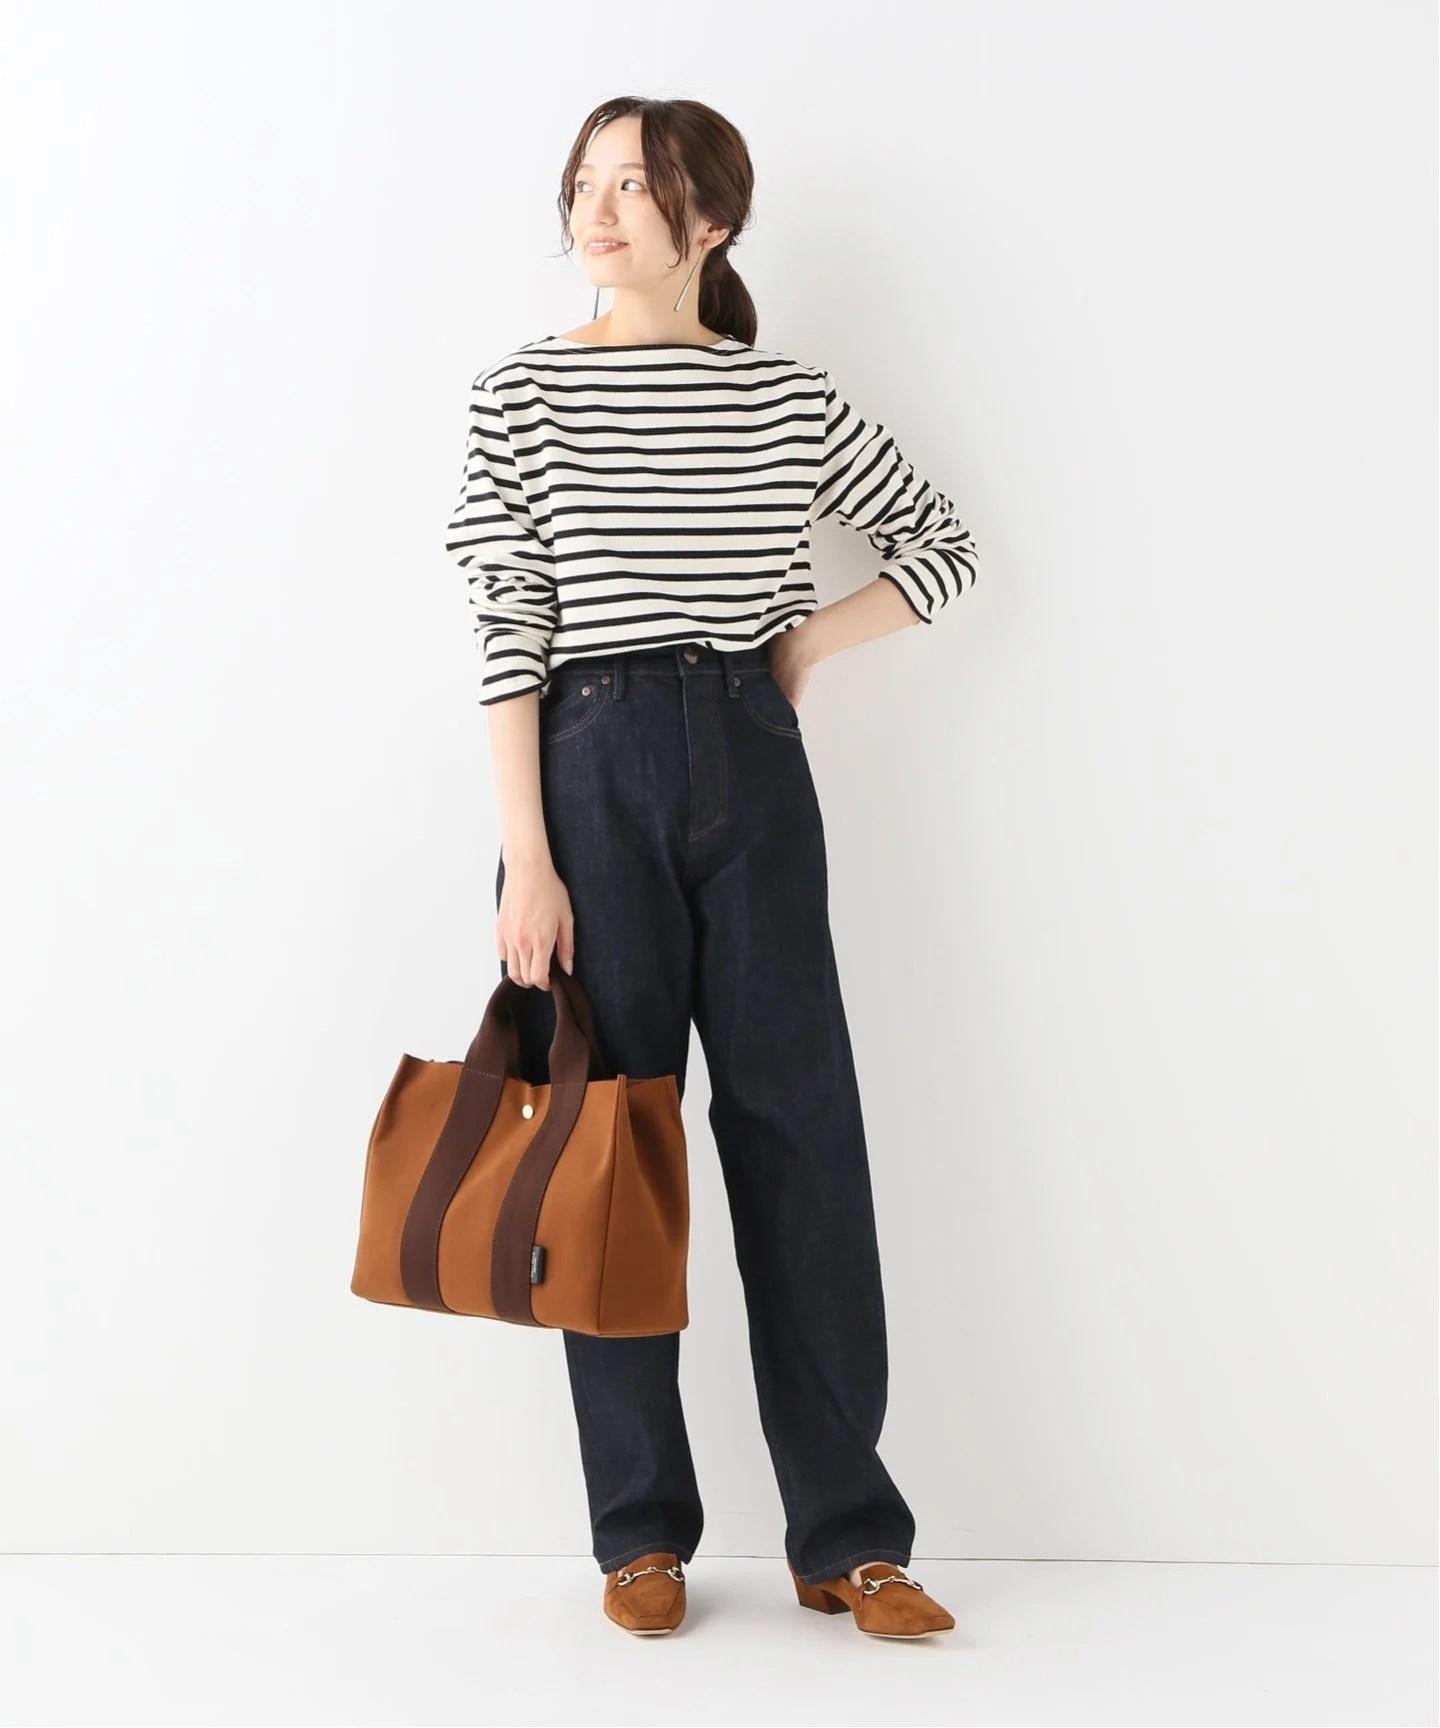 最不怕退流行就是「條紋上衣」!快學日本女生率先用經典款為穿搭換季 | | 美人計 | 妞新聞 niusnews